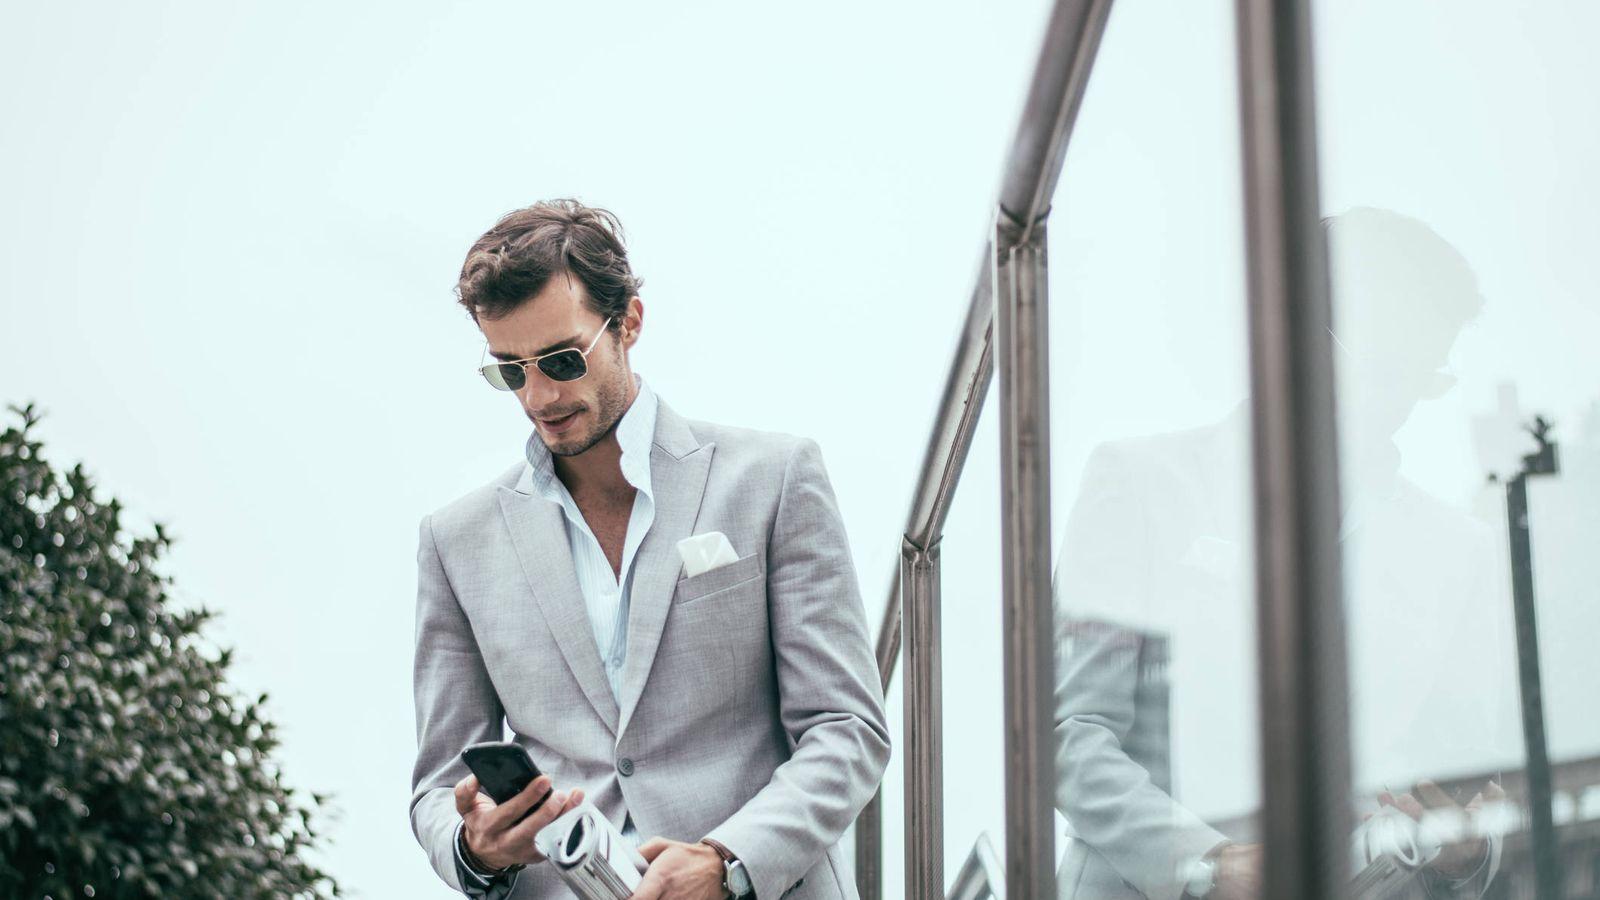 Tipos de cuello de camisa para triunfar en el trabajo | VRANDED